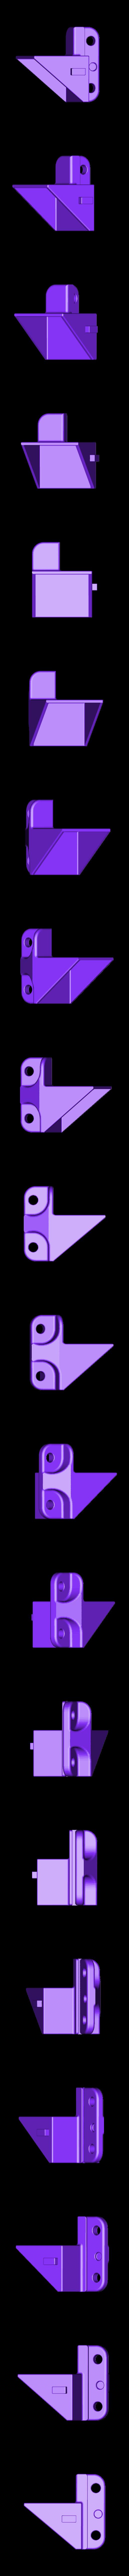 Direct_drive_support_mix.STL Télécharger fichier STL gratuit Ender 3 Direct Drive • Design imprimable en 3D, fotorius